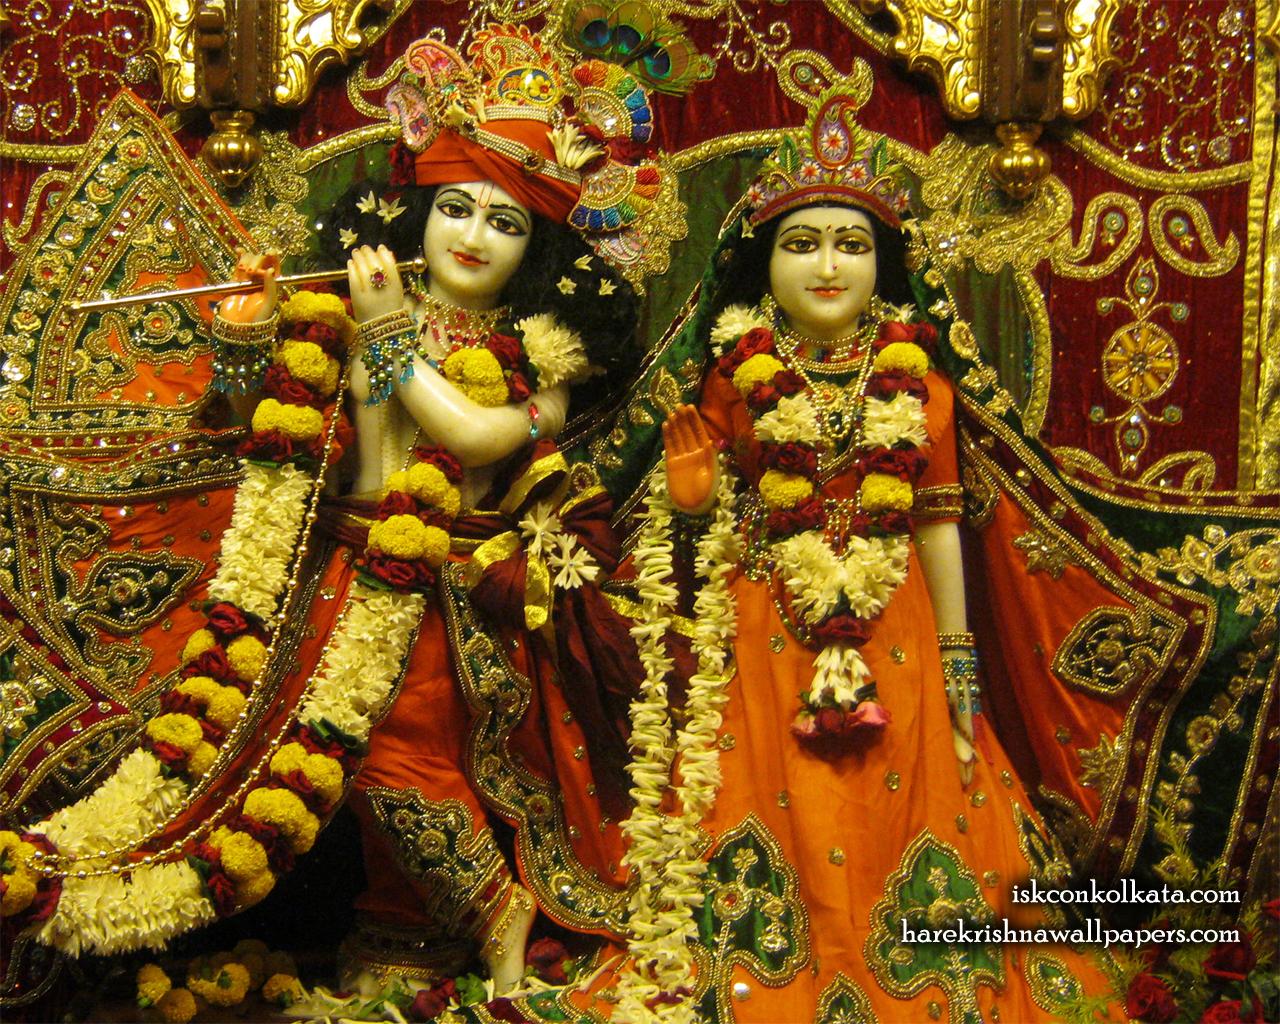 Sri Sri Radha Govinda Wallpaper (002) Size 1280x1024 Download